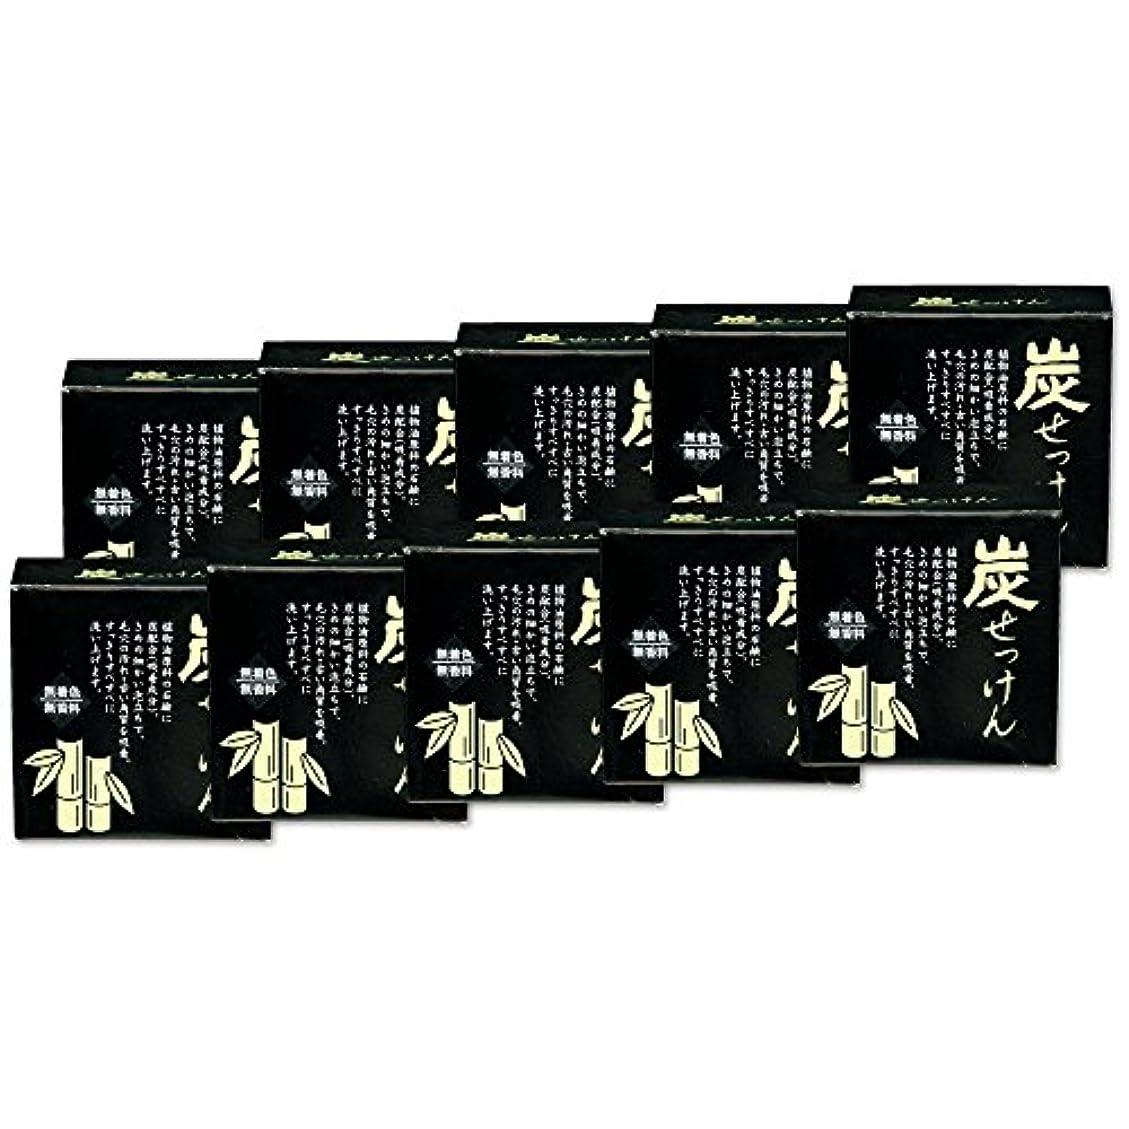 寺院ラベンダージョセフバンクス竹炭の里 炭せっけん 無香料 無着色 100g 10個セット 累計販売100万個突破の人気商品。